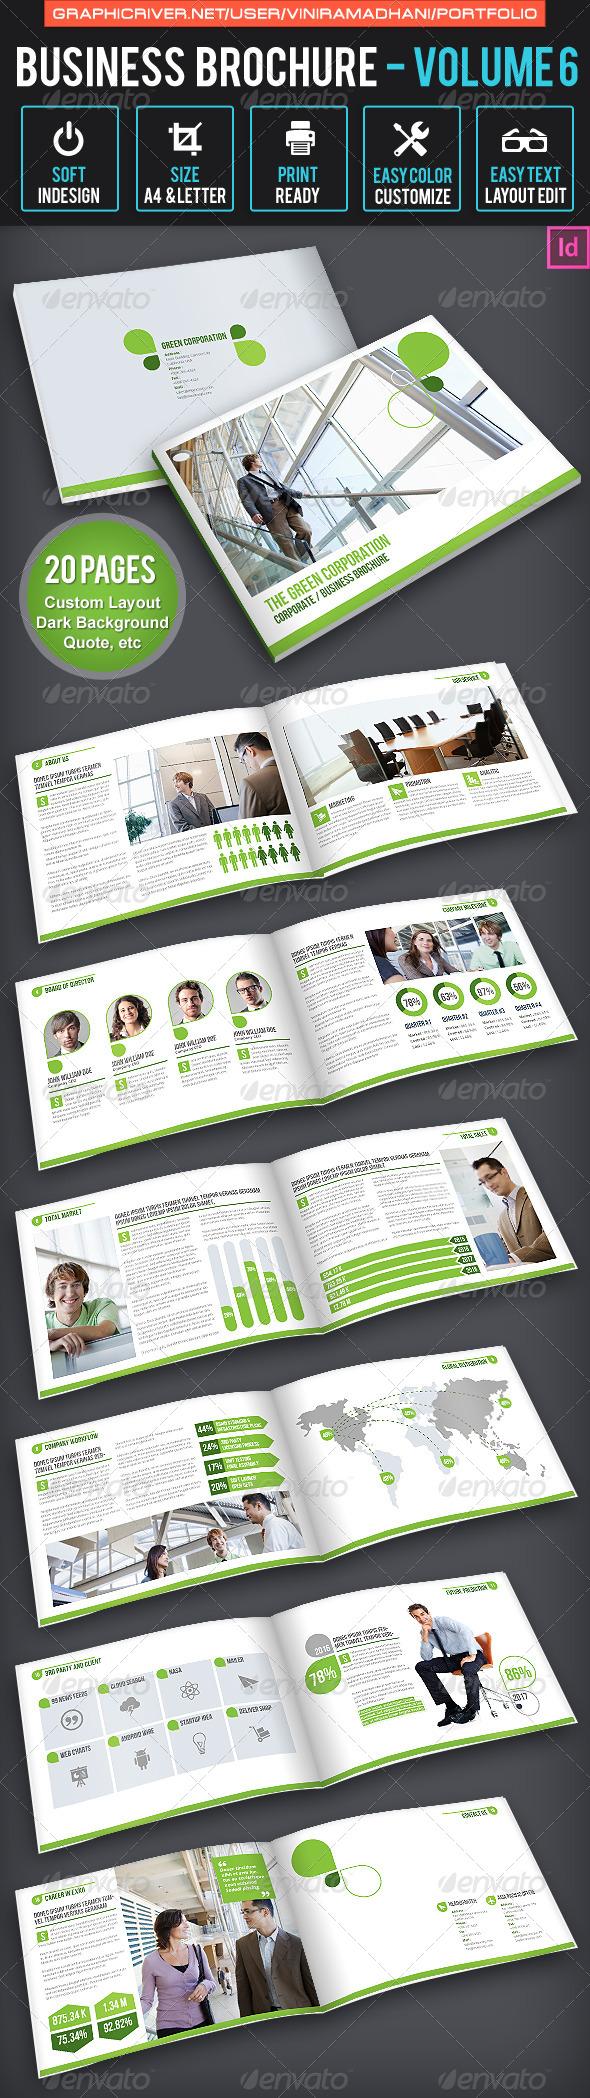 Business Brochure | Volume 6 - Corporate Brochures